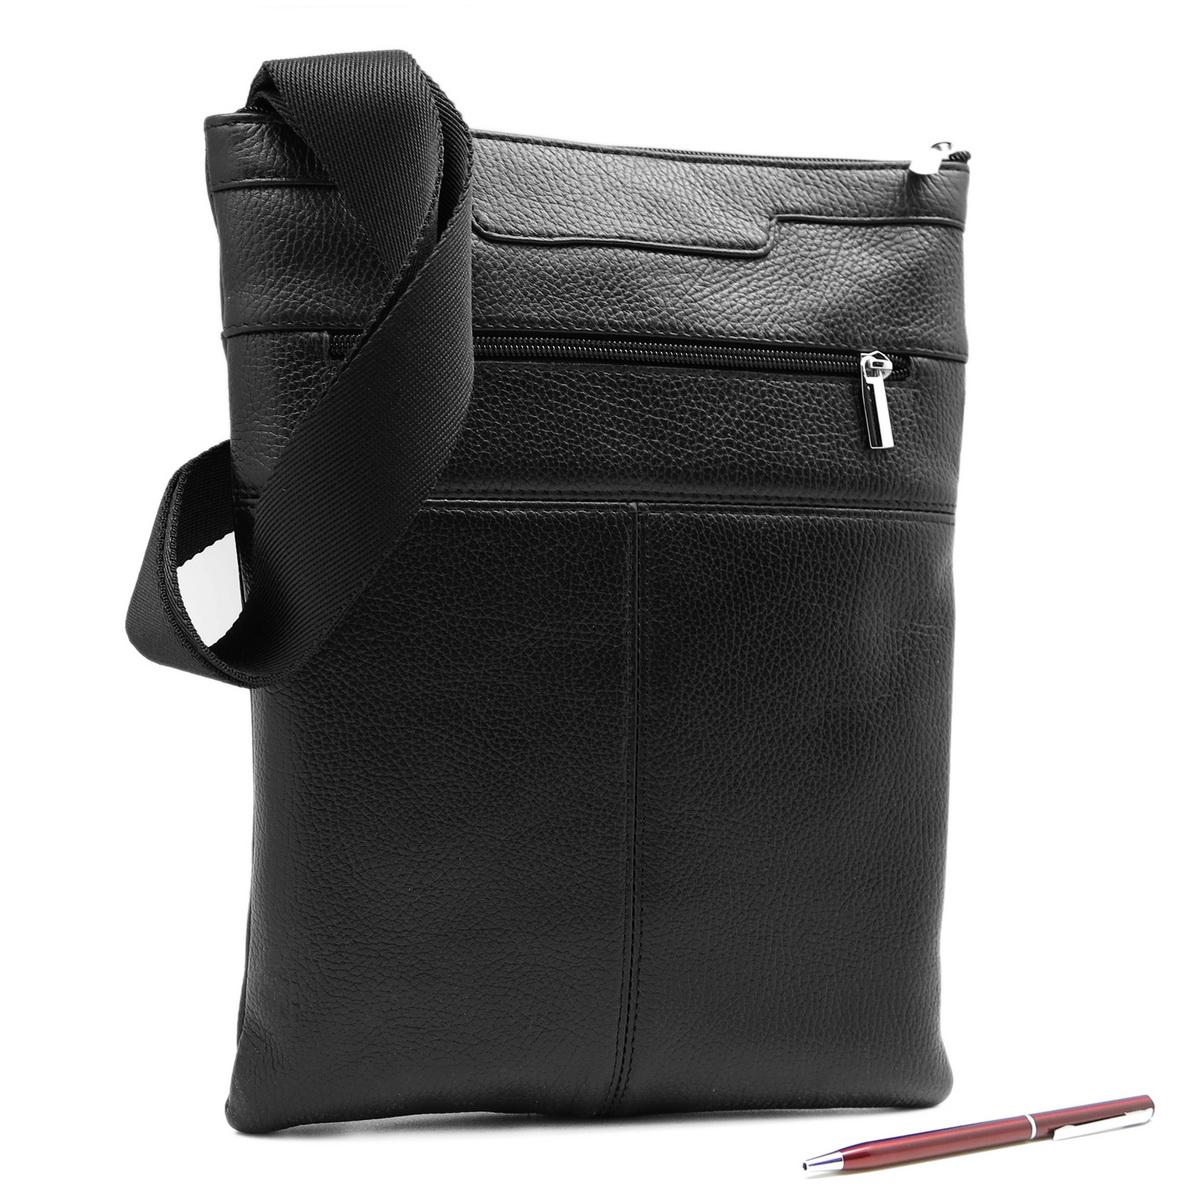 Сумка мужская Alexandr, цвет: черный. П-35/63П-35/63Стильная мужская сумка Alexandr изготовлена из натуральной кожи с зернистой фактурой, оформлена металлической фурнитурой. Изделие содержит одно отделение, которое закрывается на застежку-молнию. Внутри расположен врезной карман на молнии. На лицевой стороне расположен врезной карман на молнии. Задняя стенка сумки также дополнена врезным карманом на молнии. Изделие оснащено наплечным ремнем, длина которого регулируется при помощи пряжки. Практичный аксессуар вместит в себя все необходимое и позволит сохранить ваши документы.